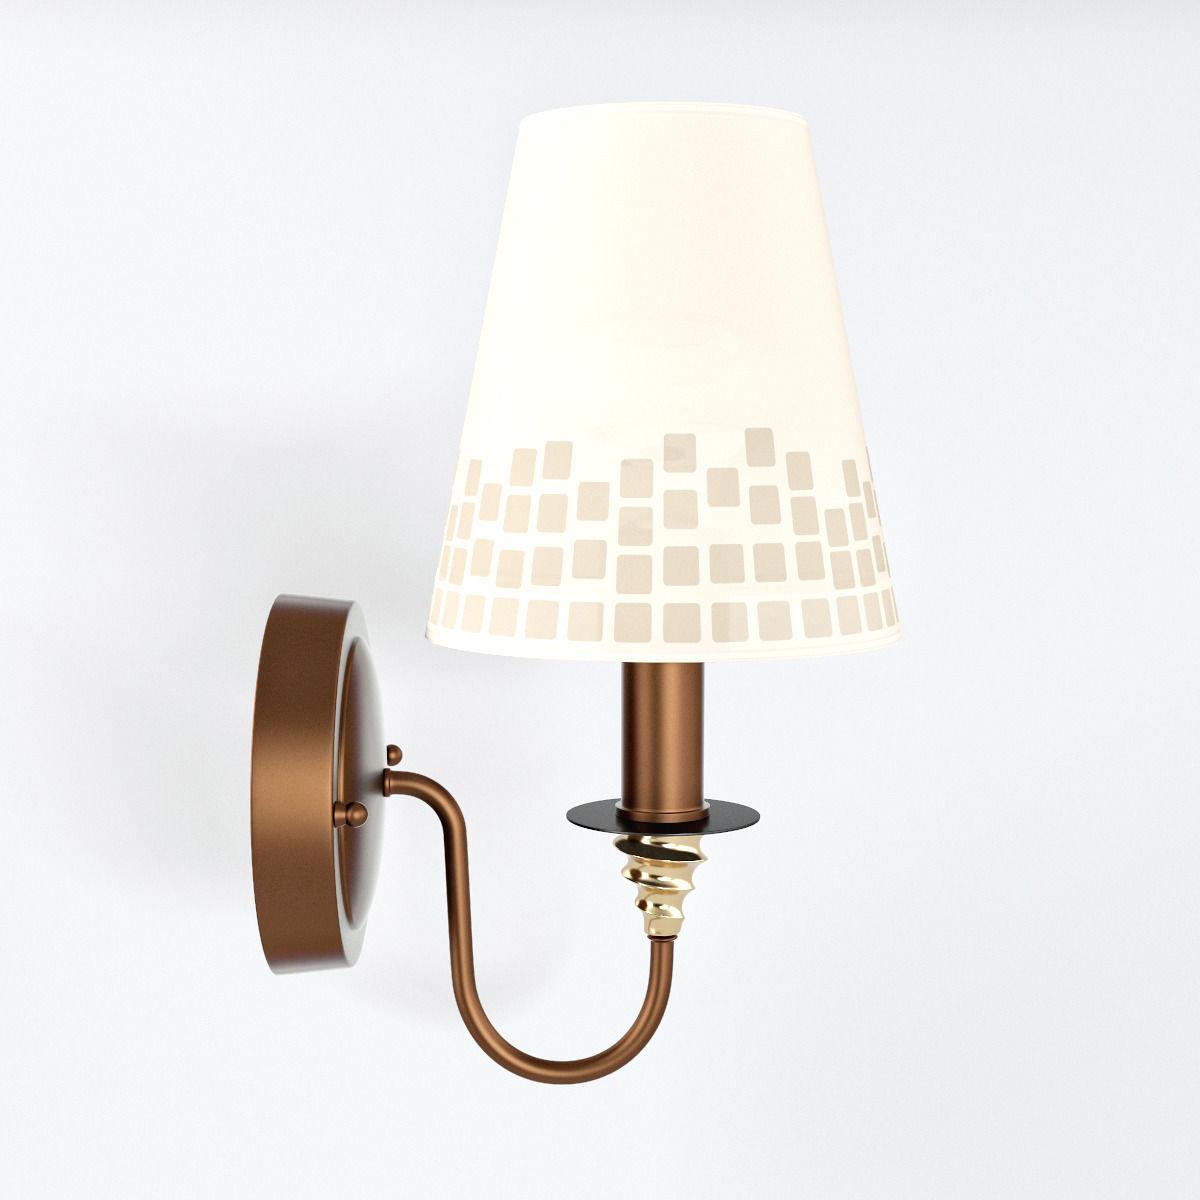 Cozy Wall Lamp 3D Model .max